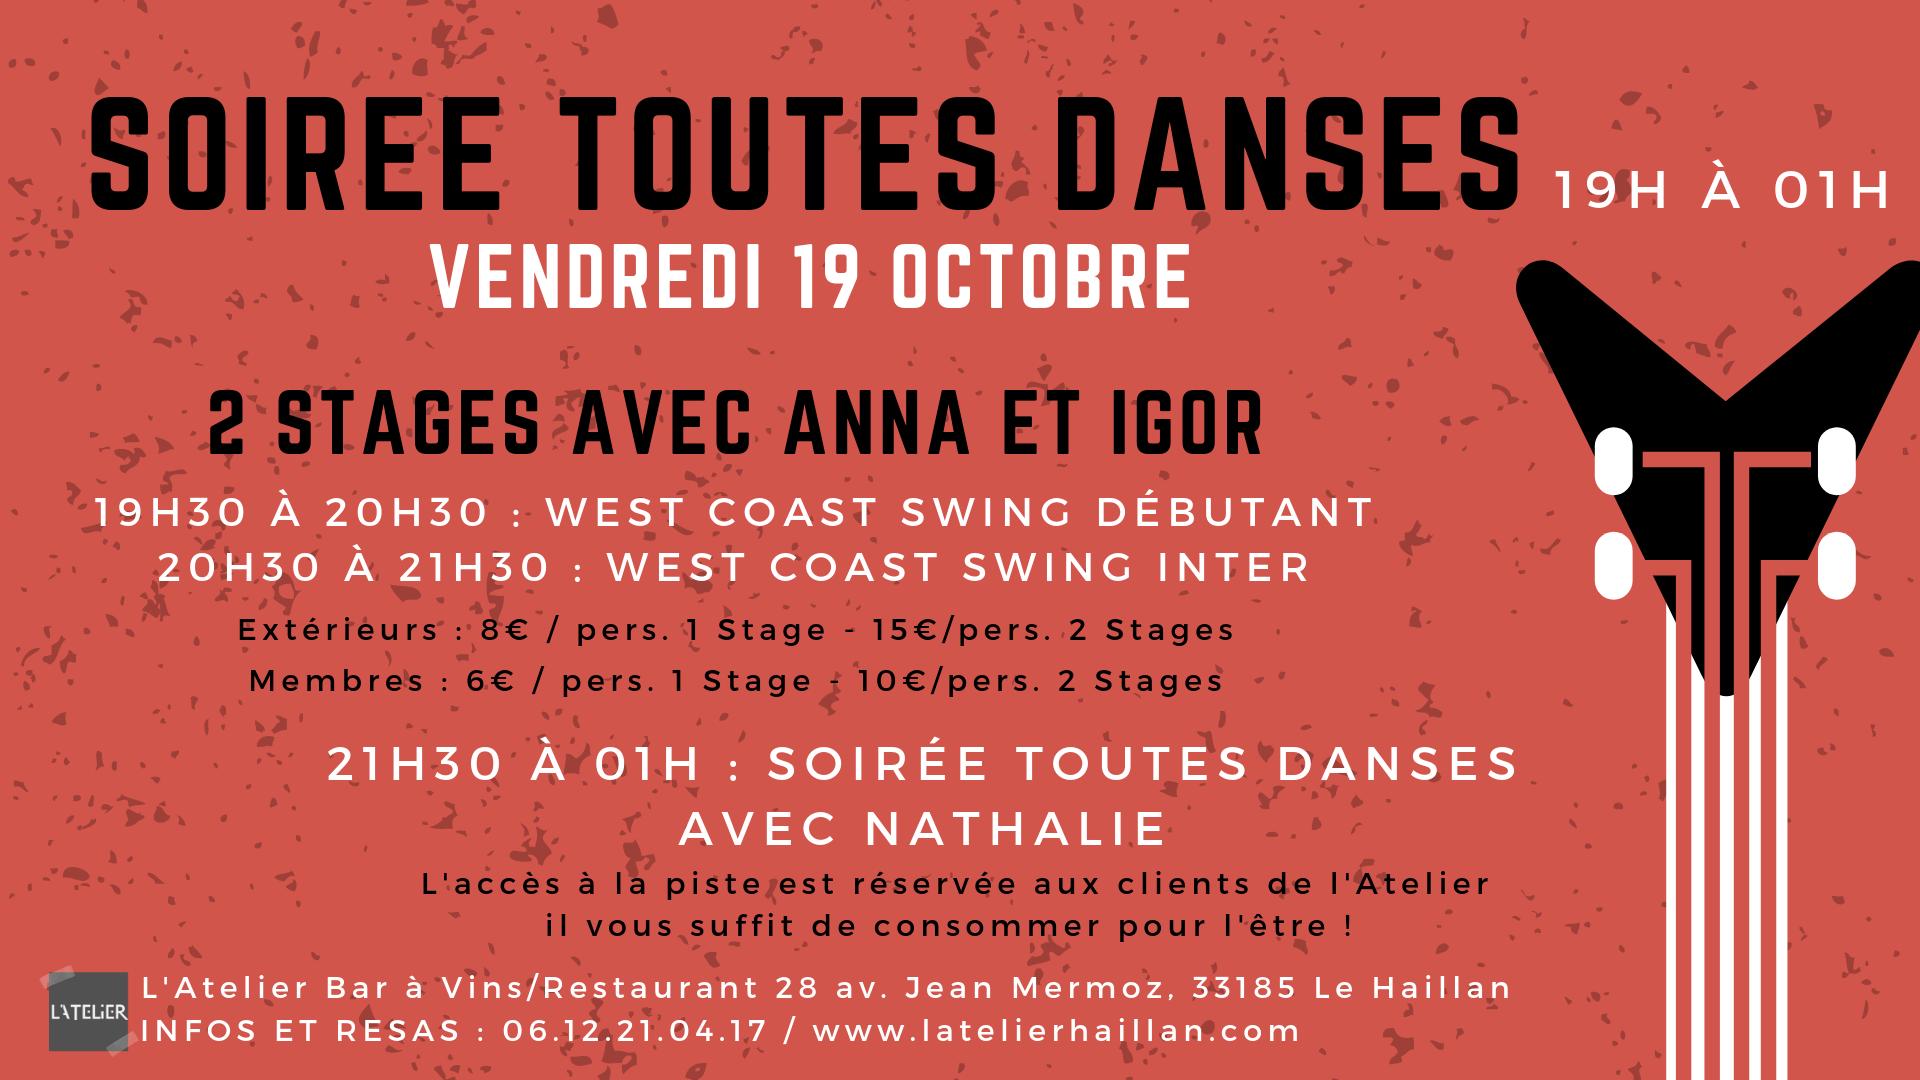 Soirée Toutes Danses avec Nathalie - 2 Stages WCS